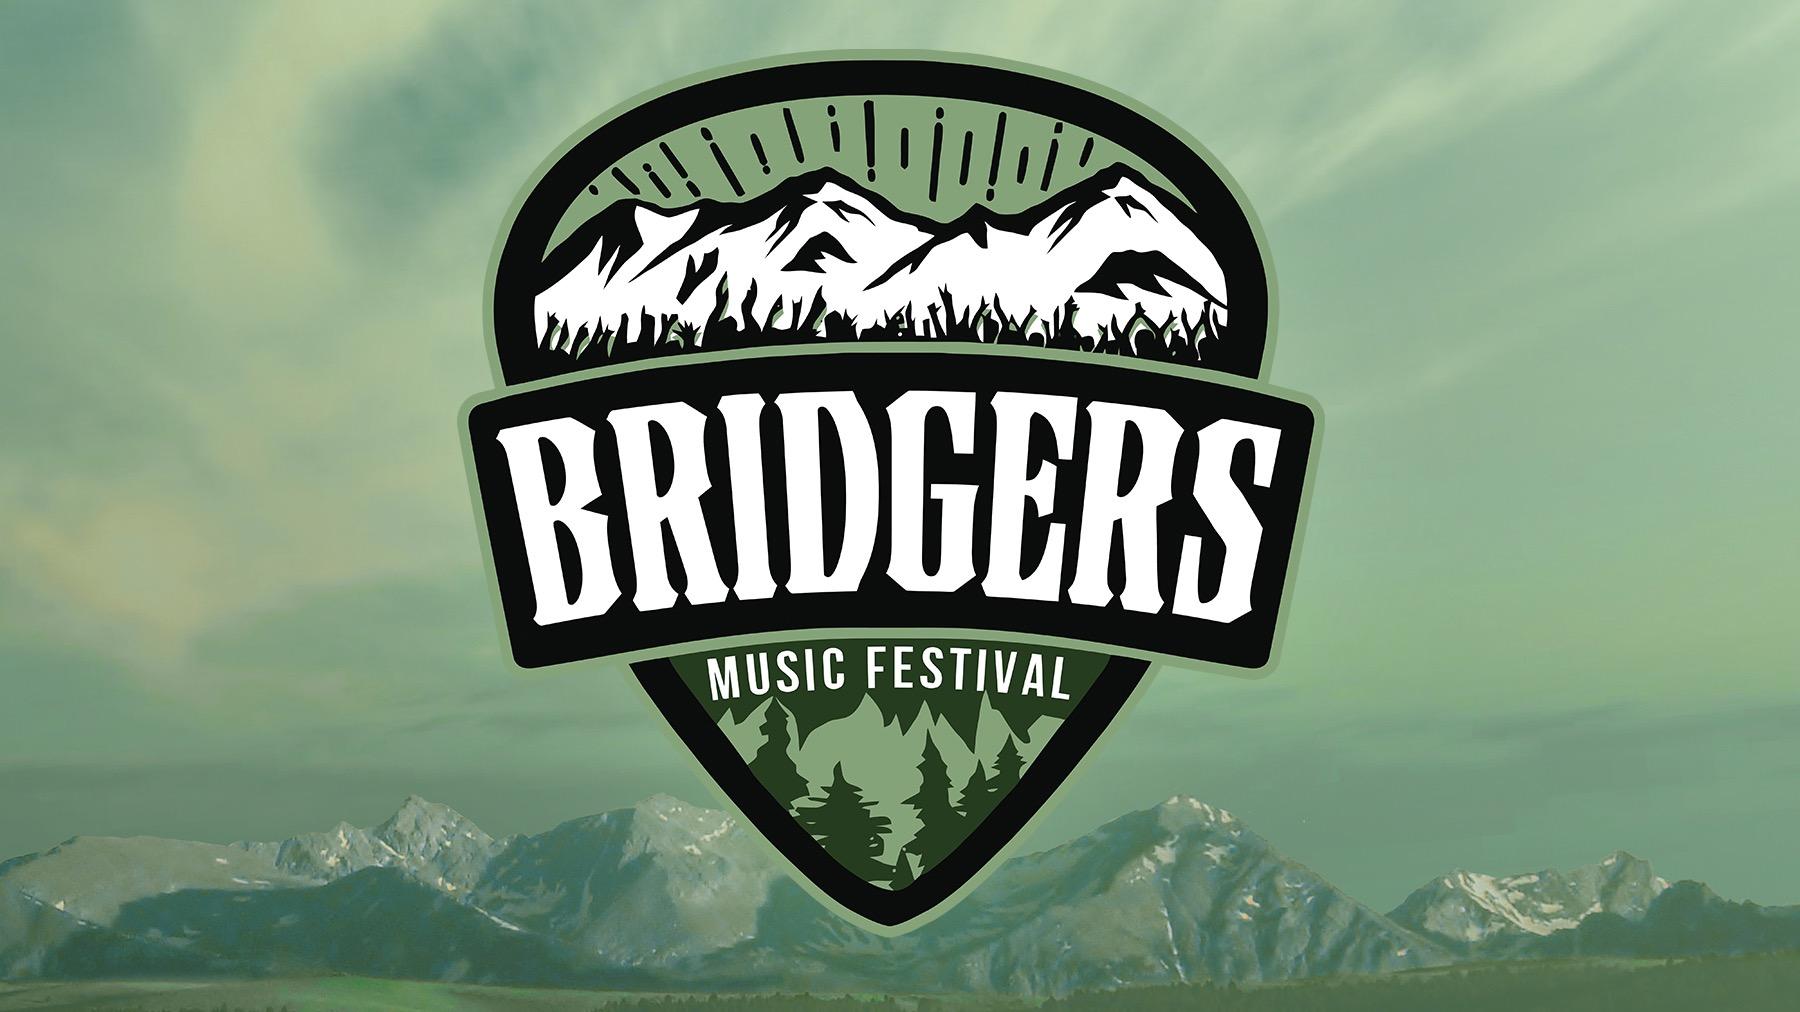 Bridgers Music Festival